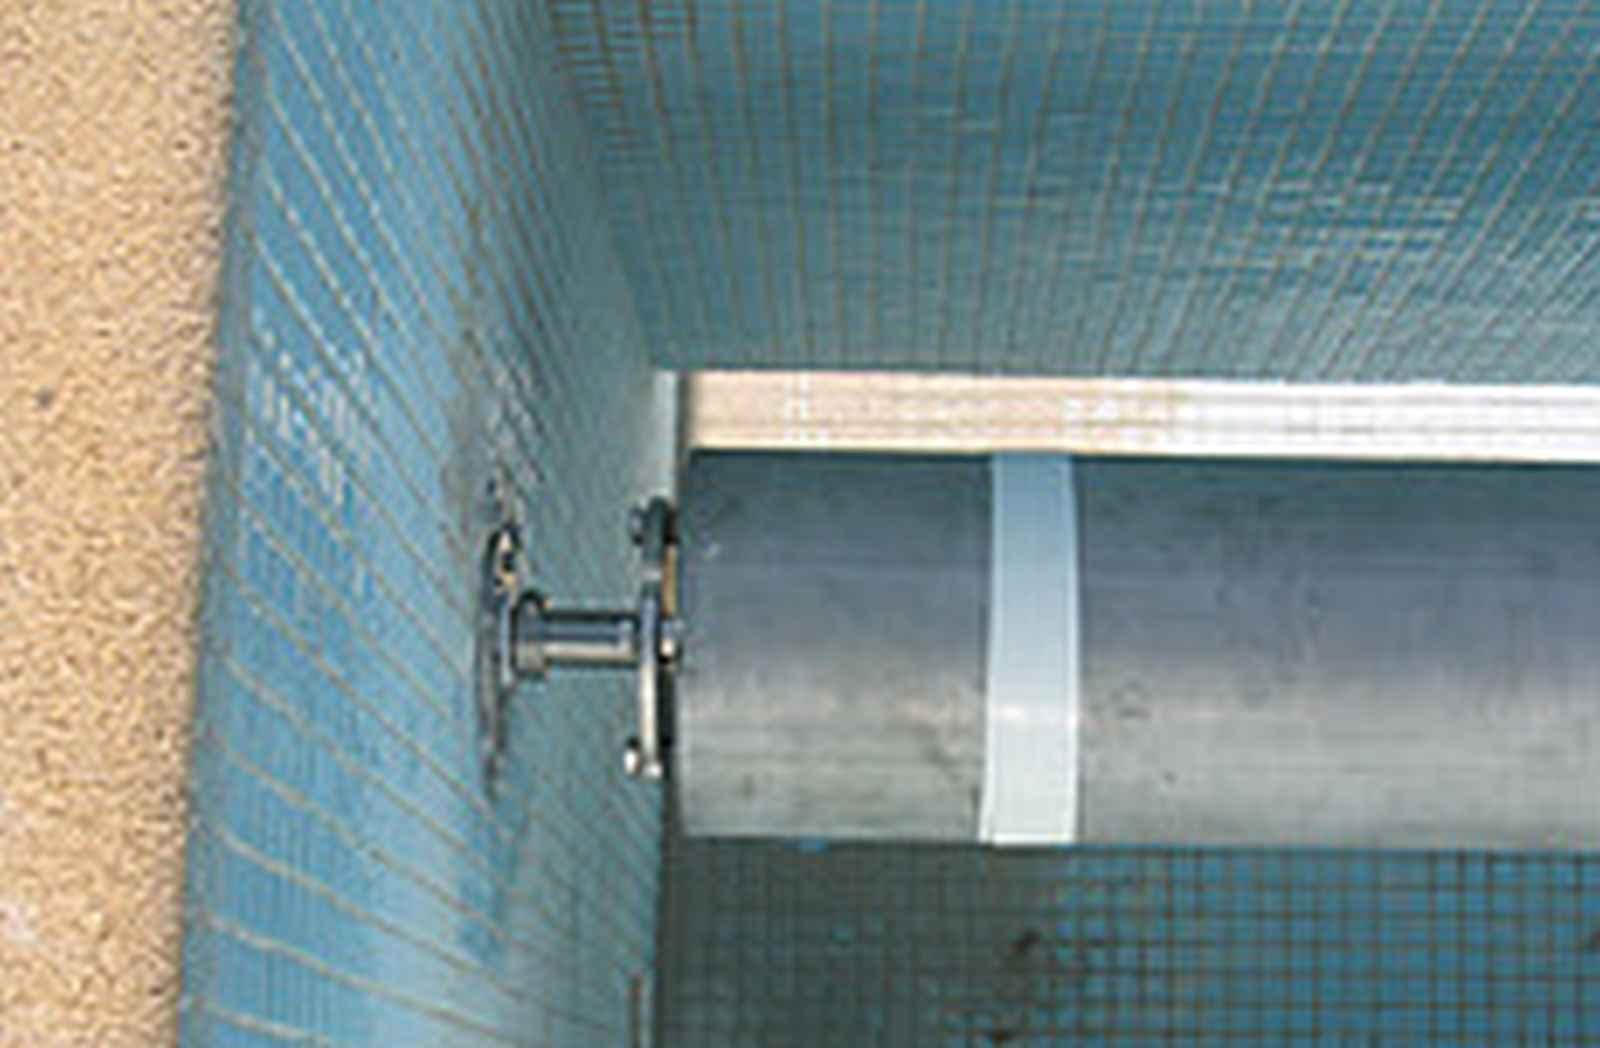 66_Schwimmbadabdeckung-Aufrollsystem-Rollfix-2-M_01